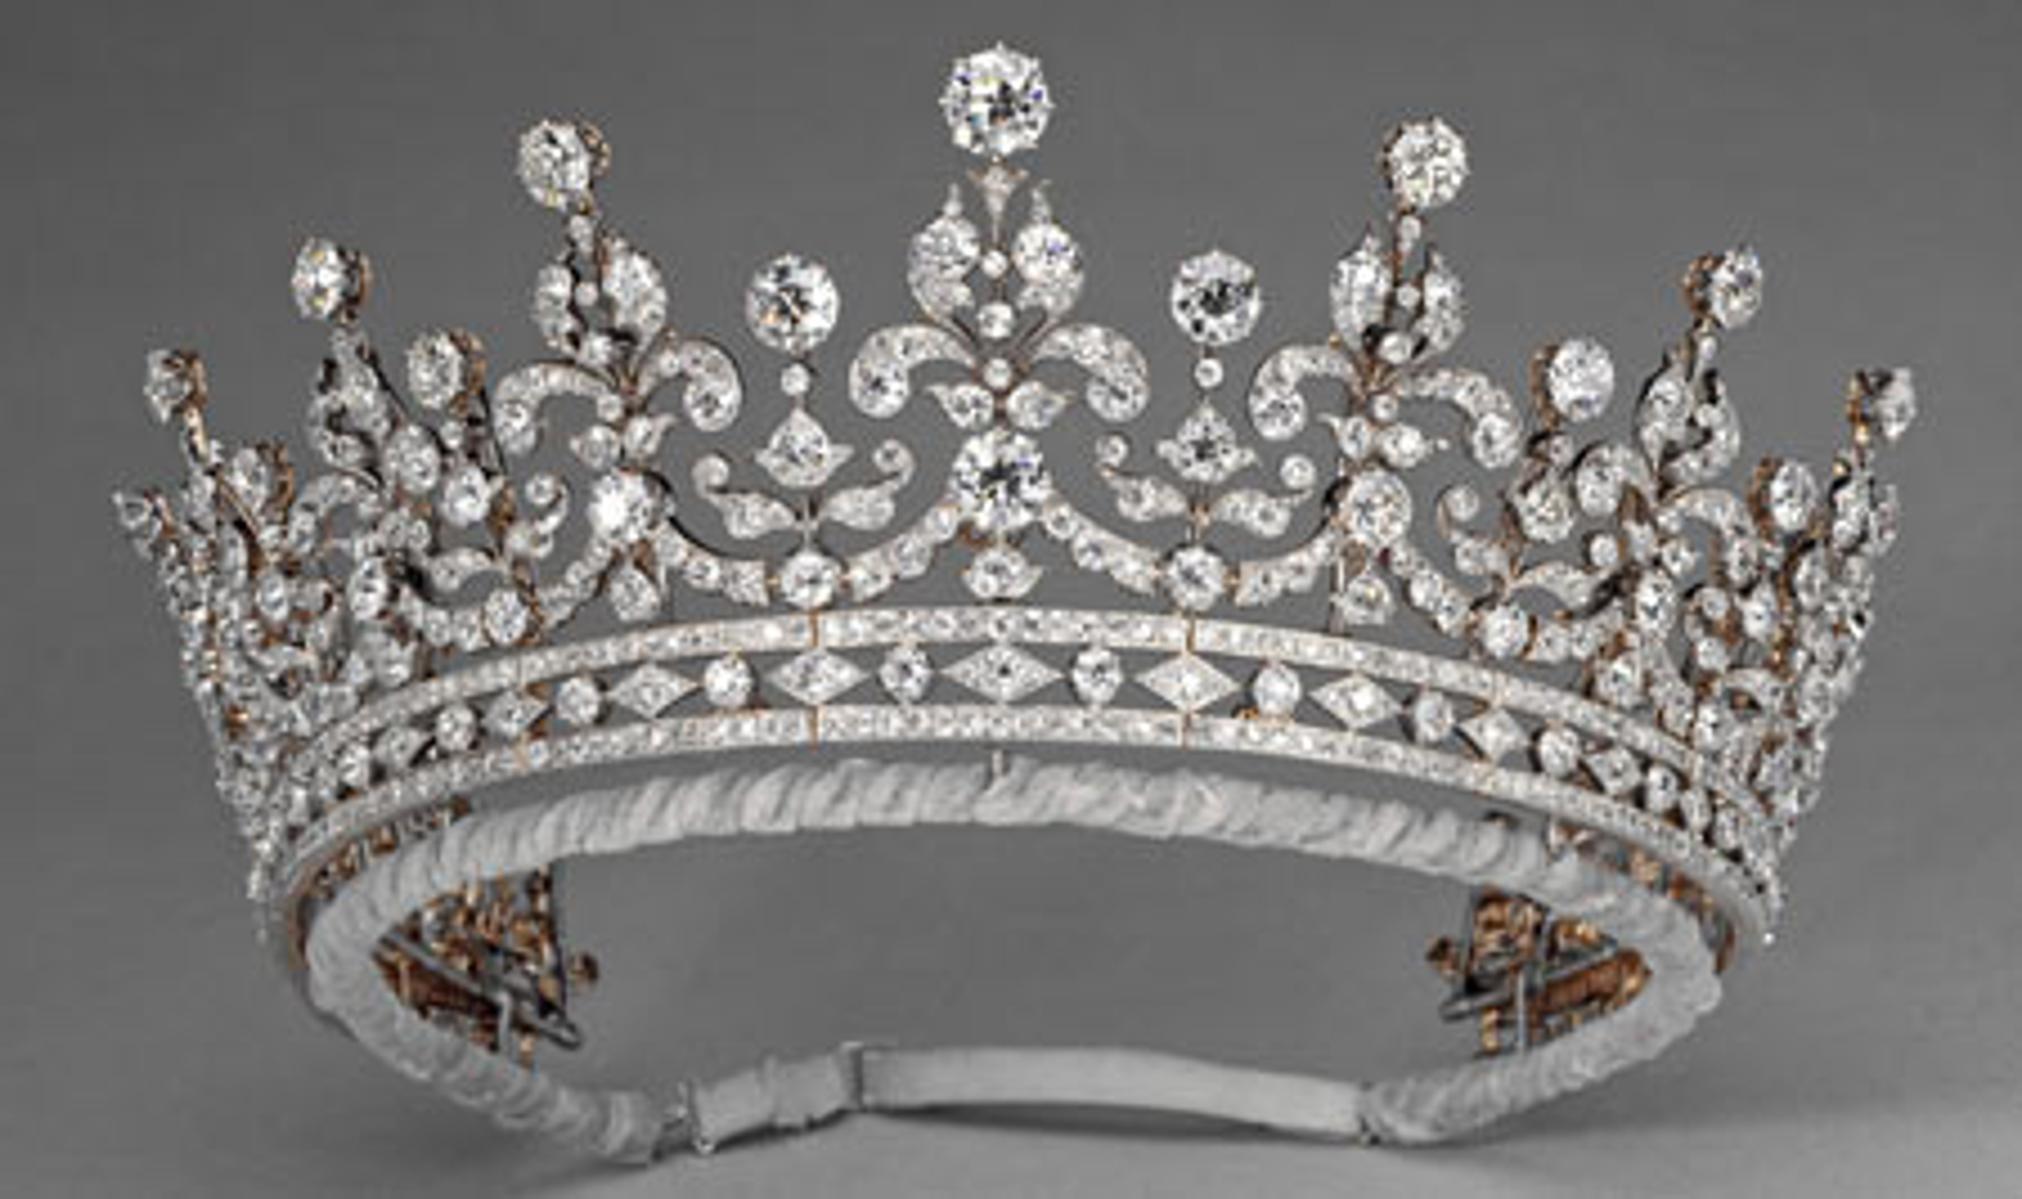 Diamond princess crown images